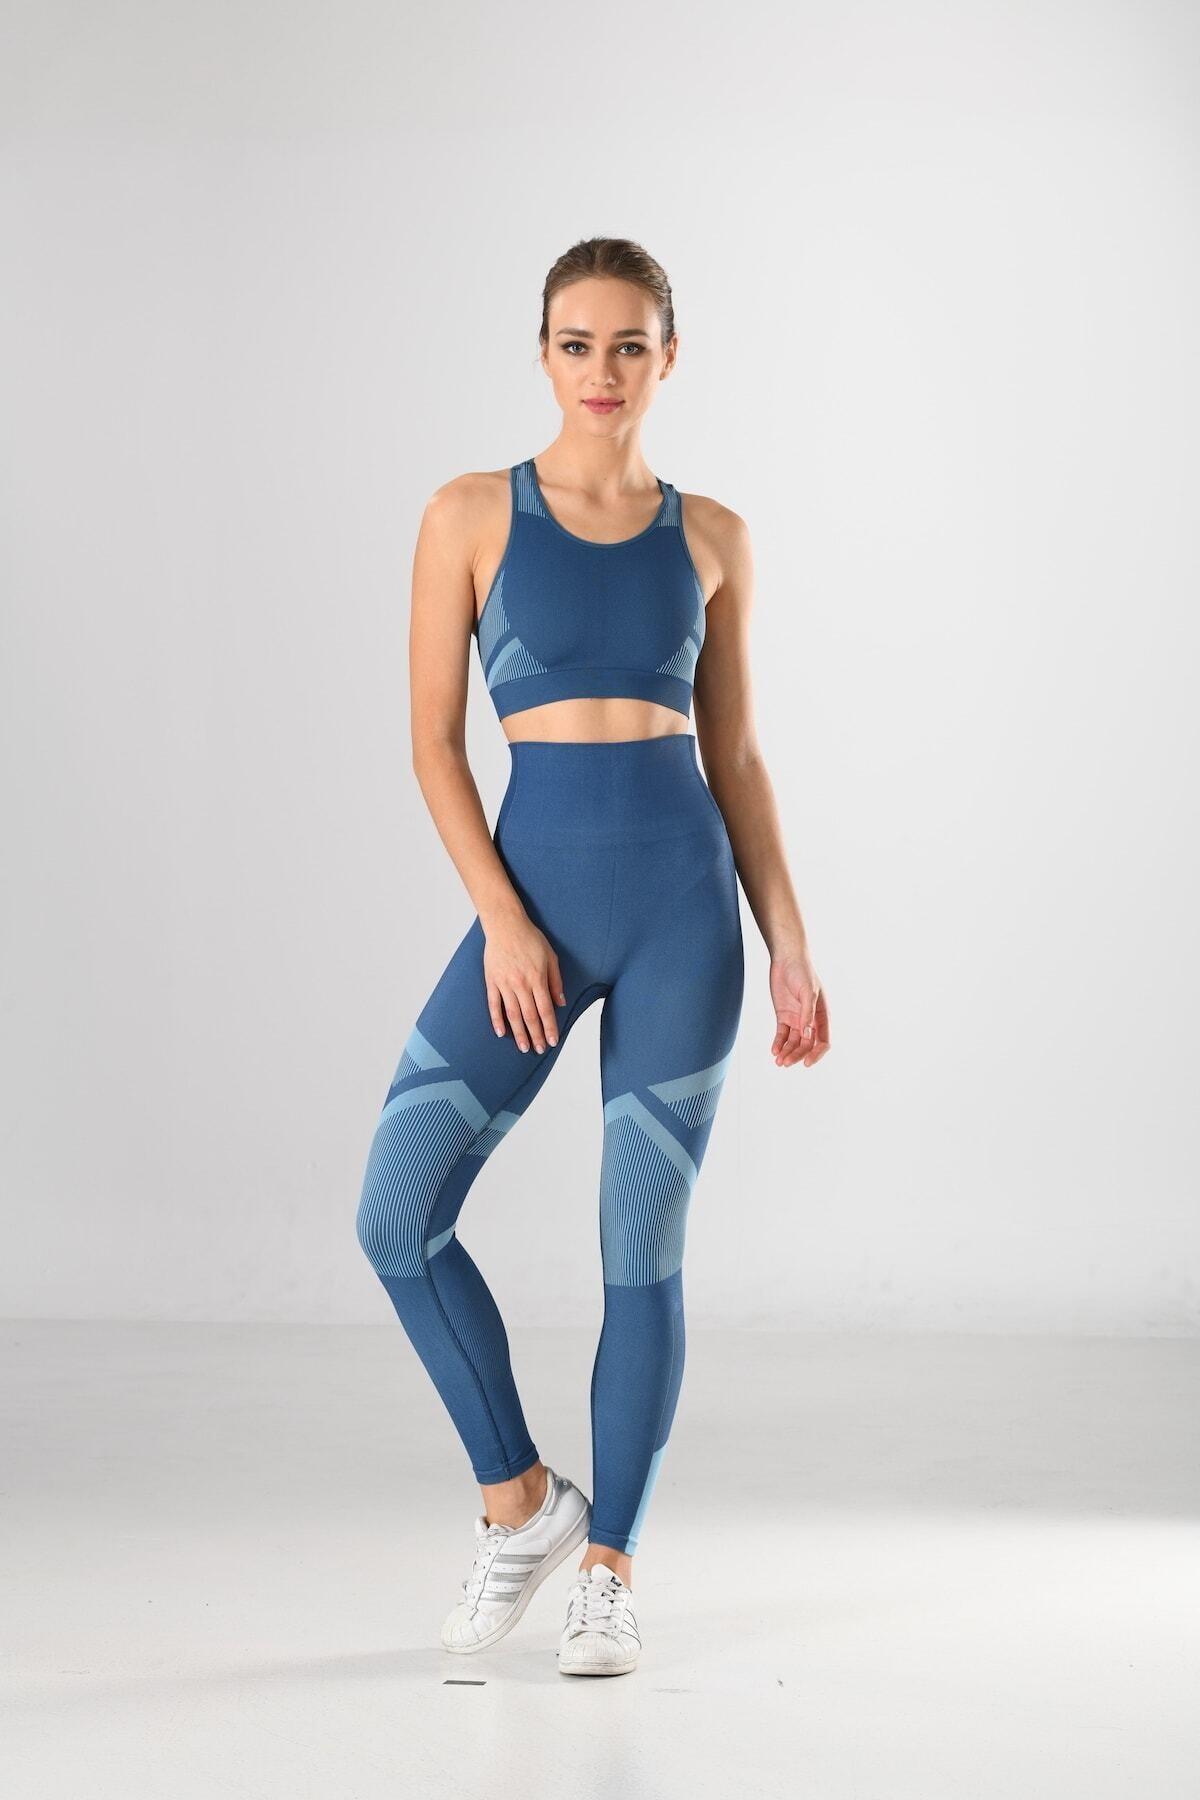 Miss Fit Kadın Takım Mavi Dikişsiz Kalın Askılı Balensiz Desenli Büstiyer Ve Tayt Takımı Yüksek Bel